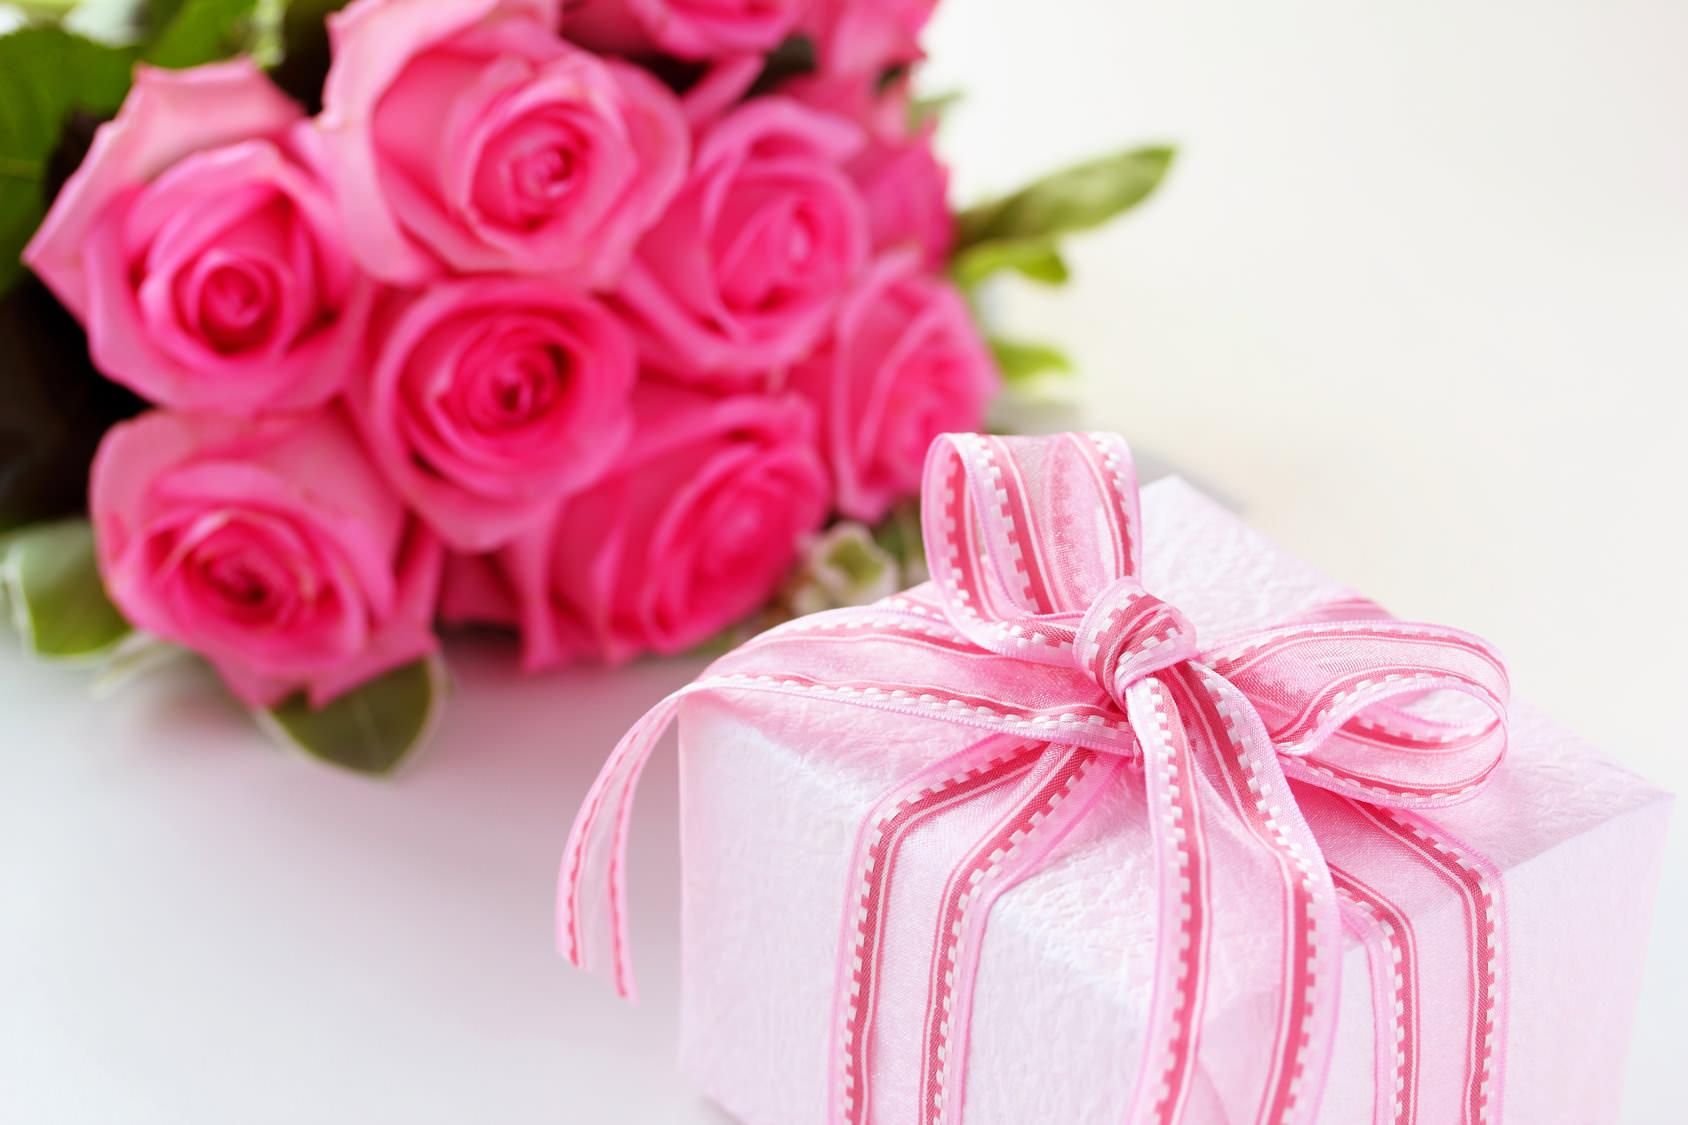 夫へのプレゼントに悩んでいる妻へ。夫婦でお揃いにしませんか?のサムネイル画像